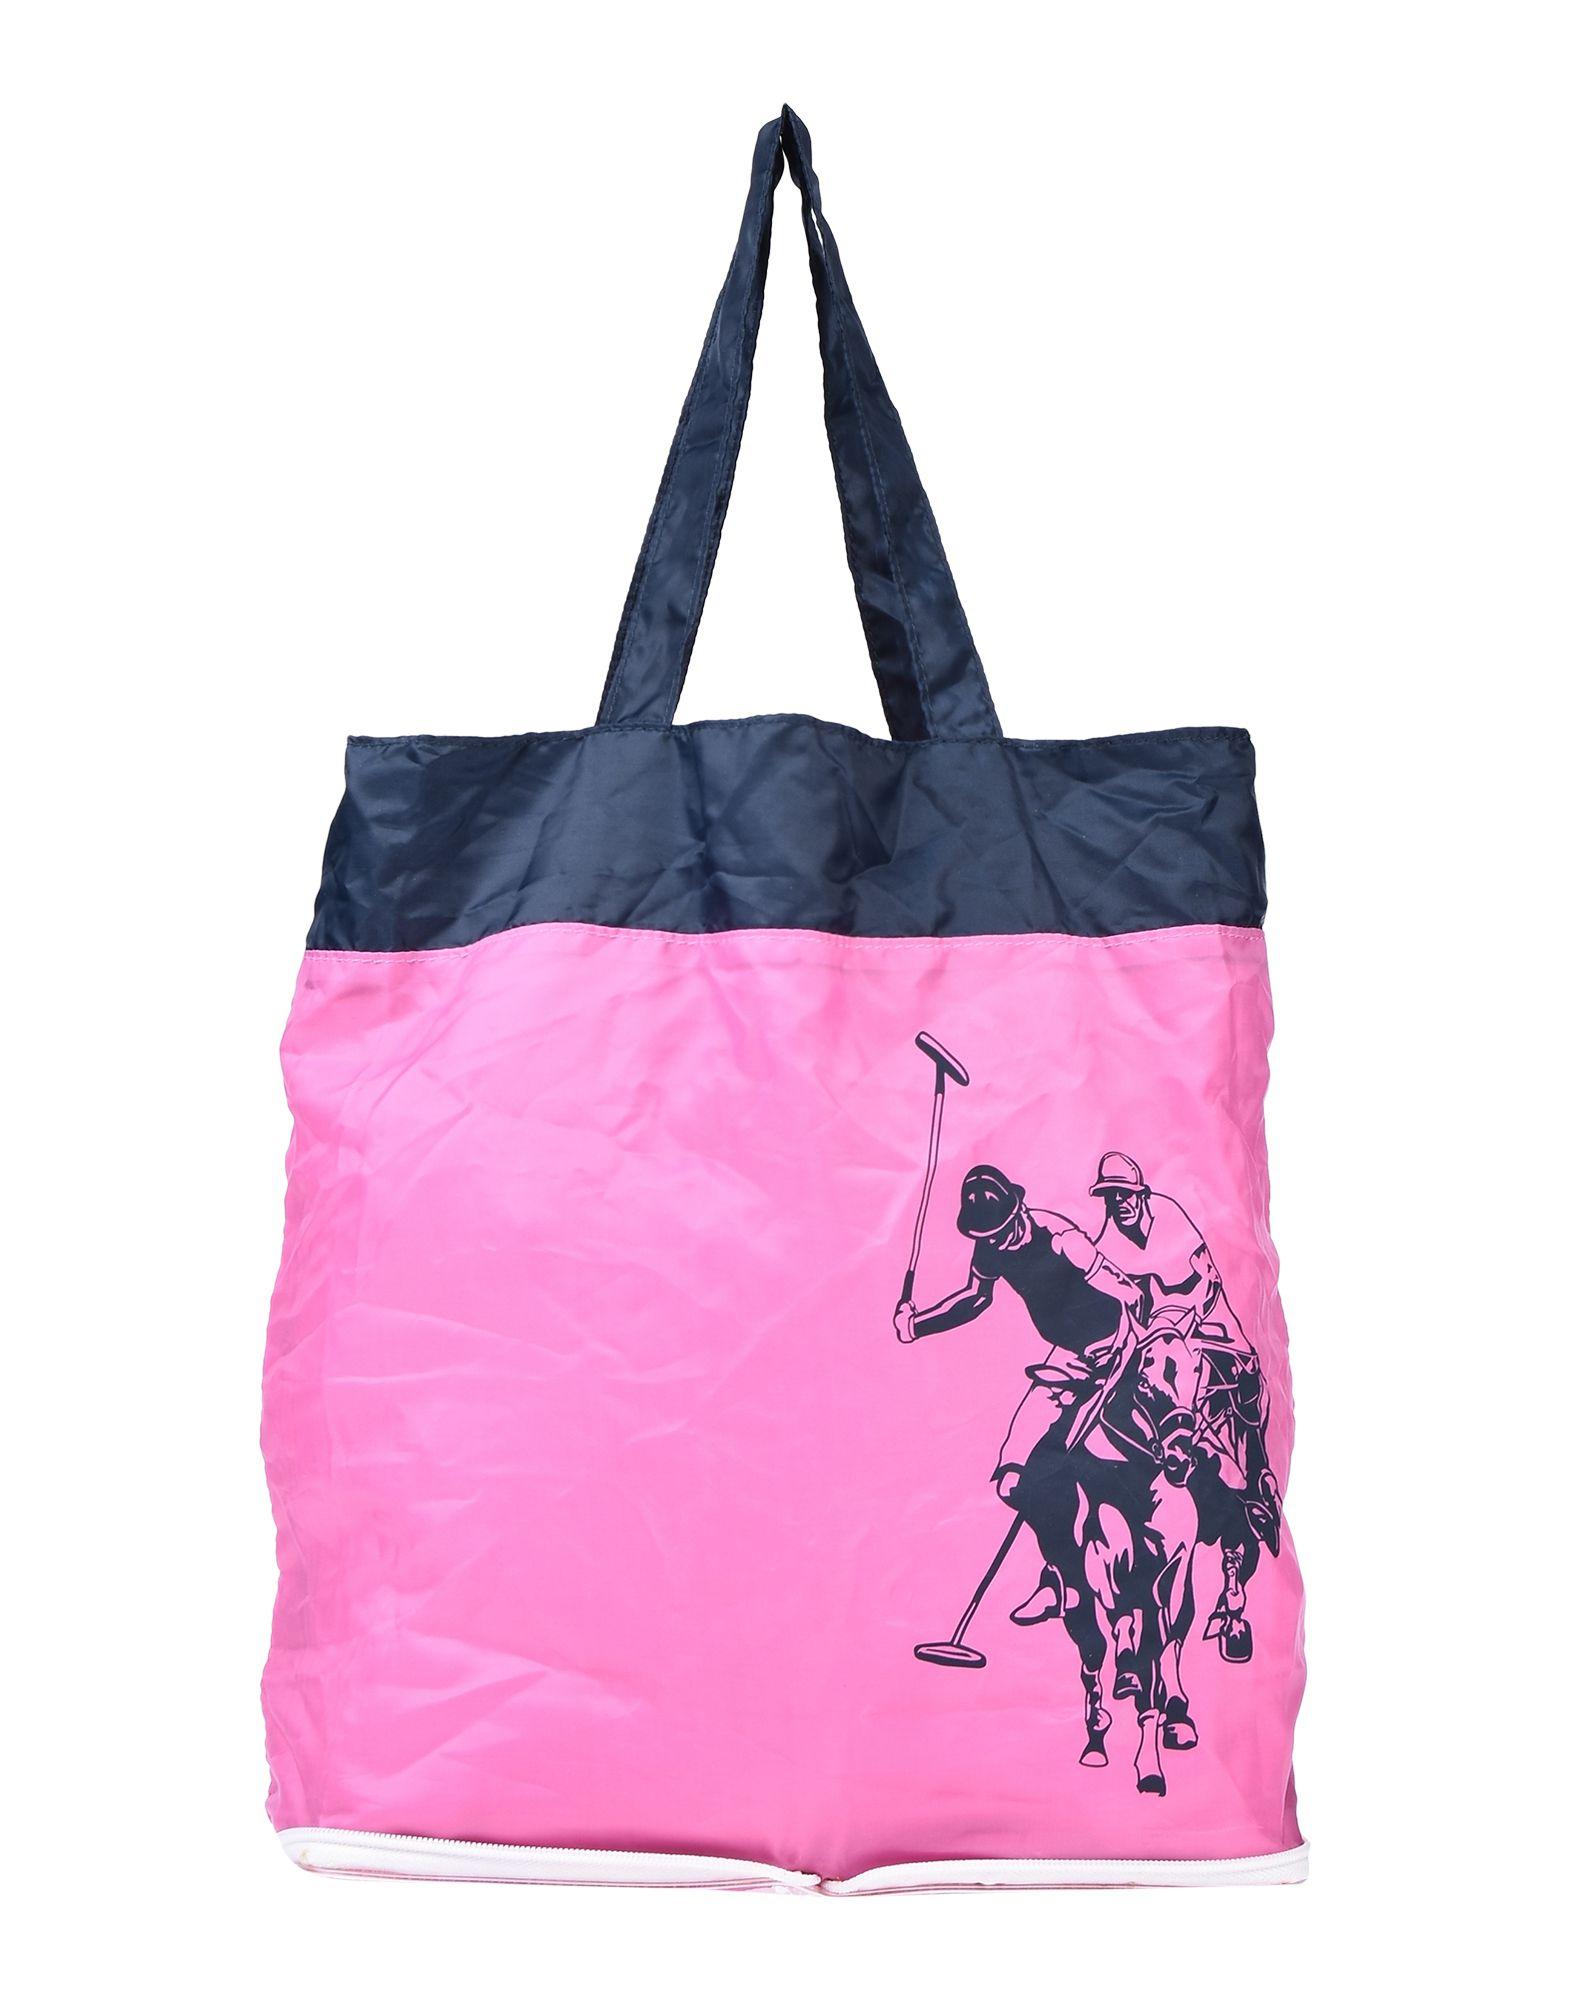 《期間限定セール中》U.S.POLO ASSN. レディース ハンドバッグ ピンク 紡績繊維